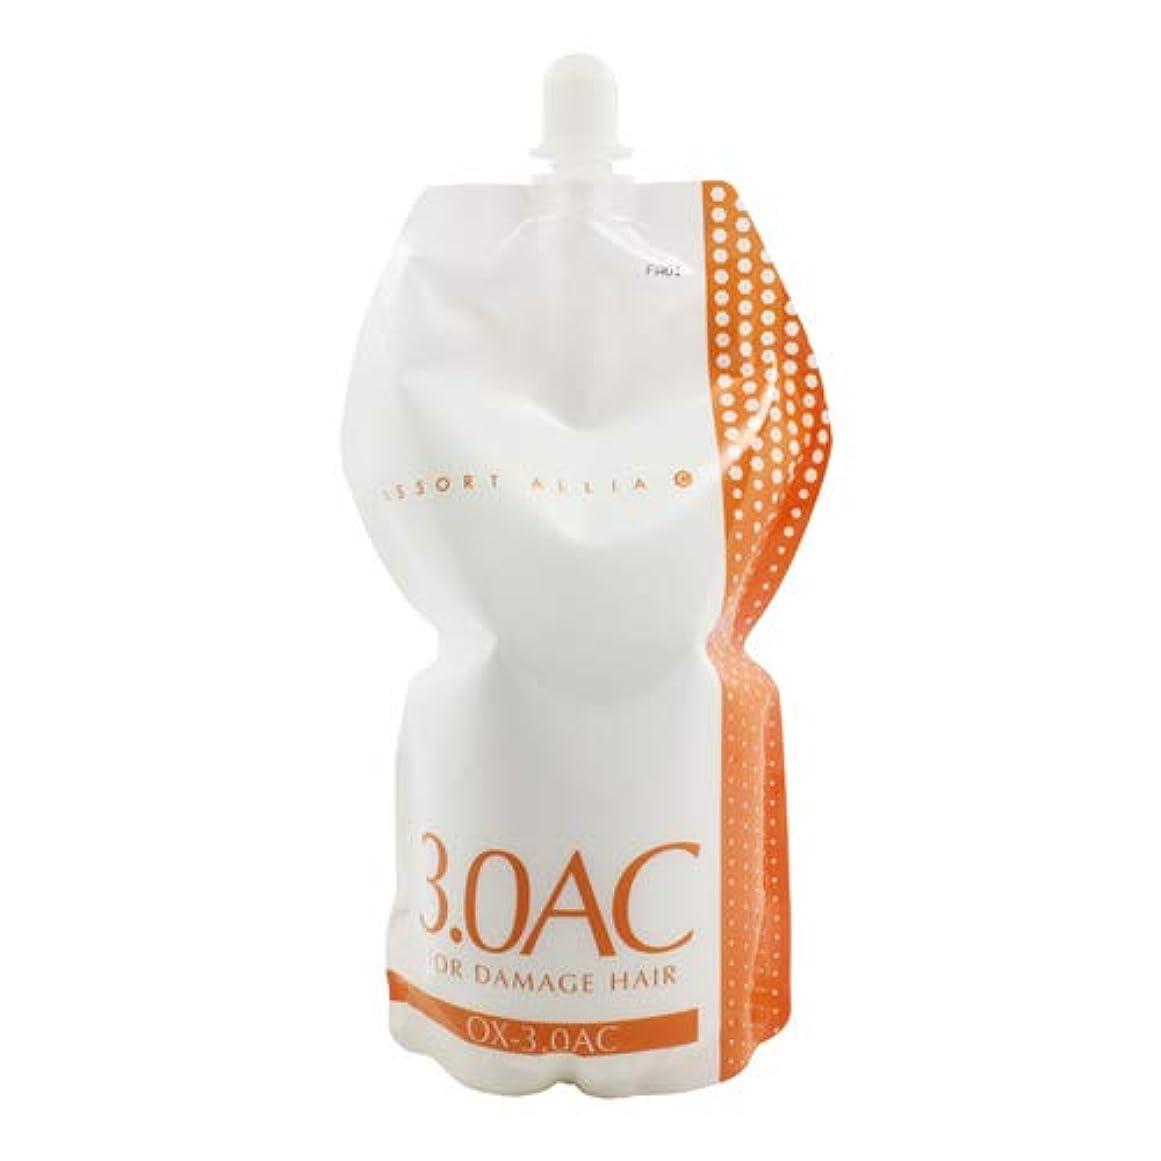 作動する不条理アレルギー性デミ アソート アリアC OX3.0AC 1000g